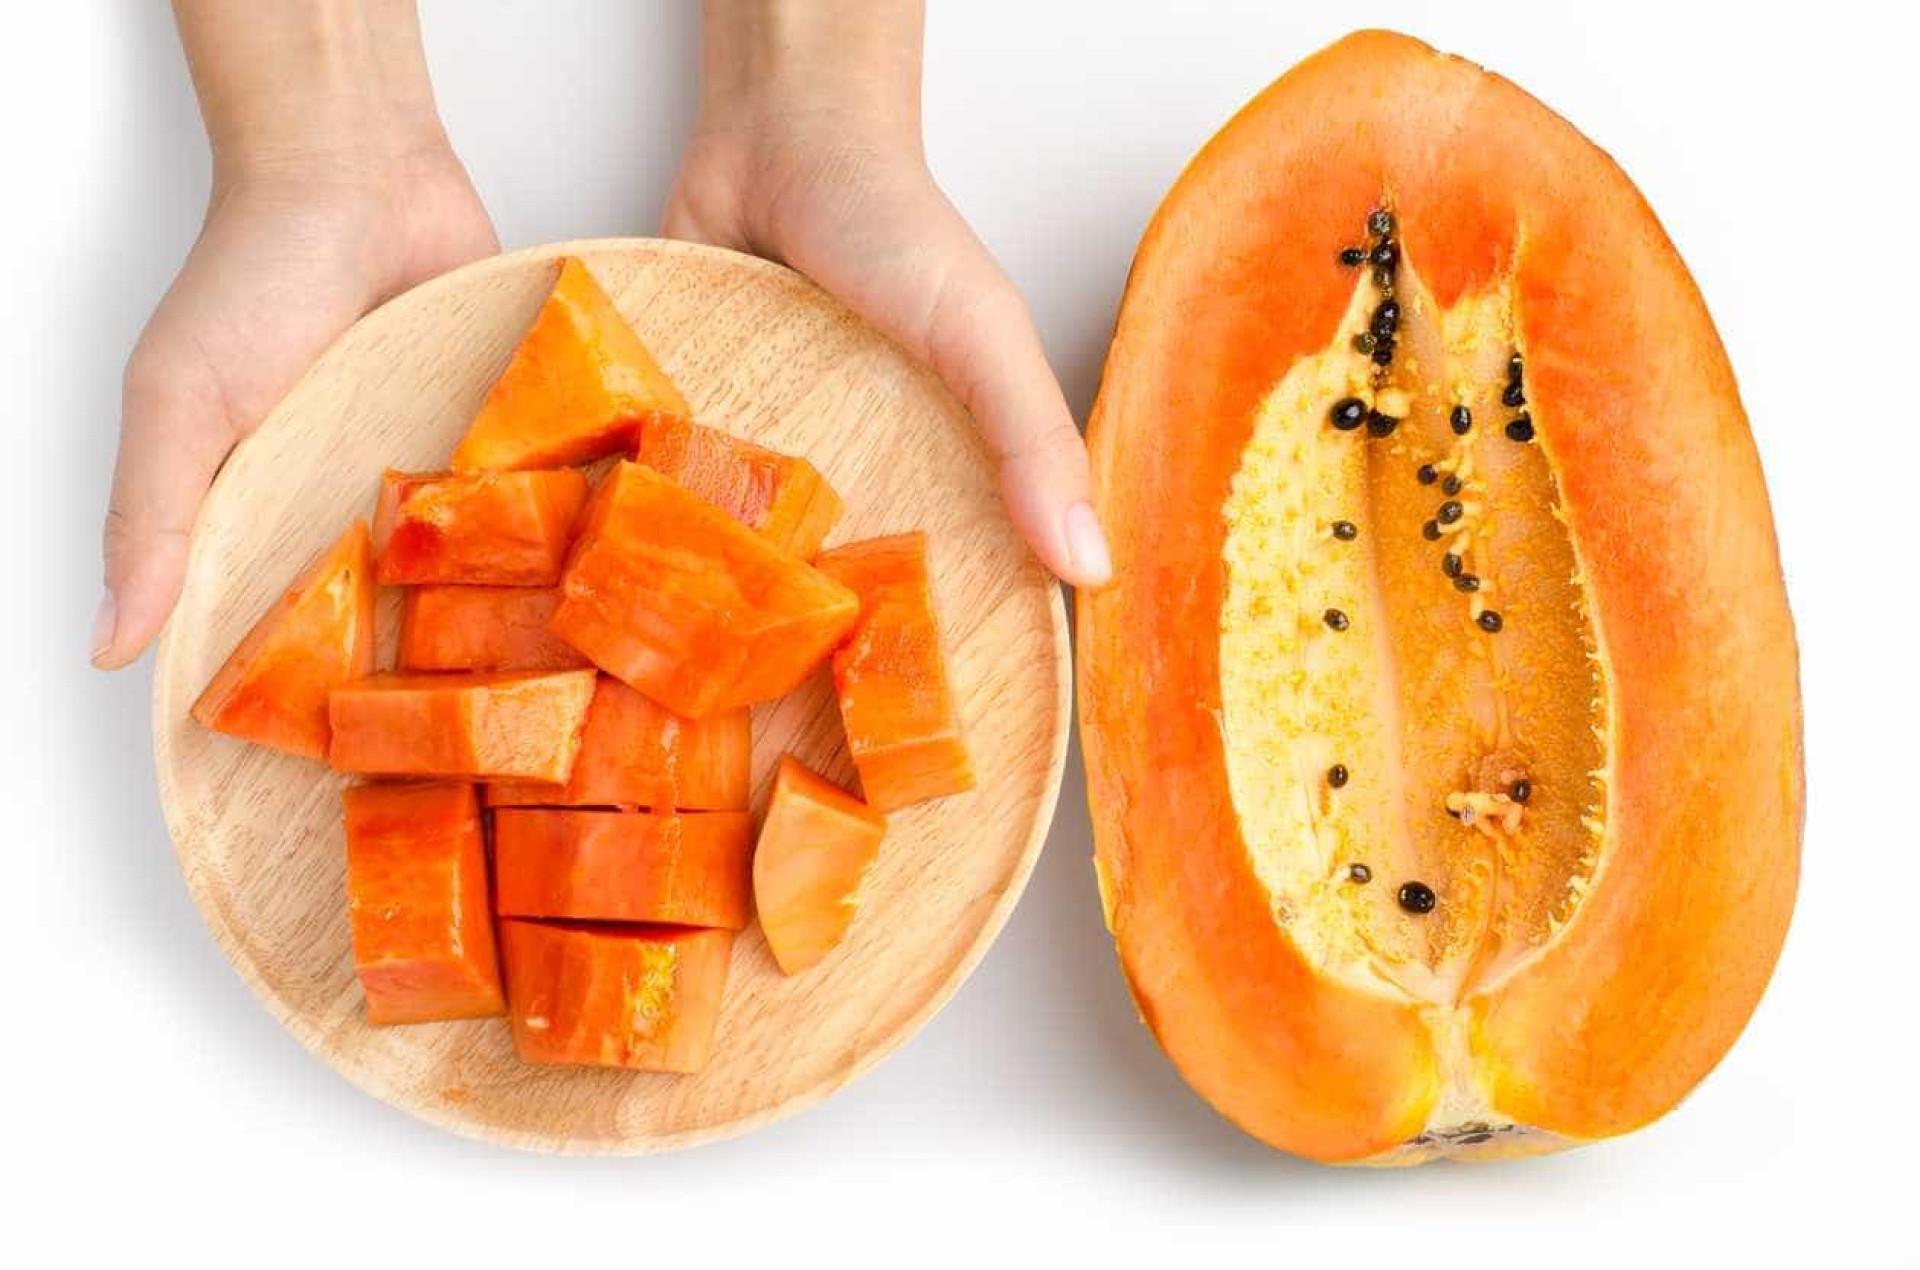 Nove bons motivos para comer mais papaia